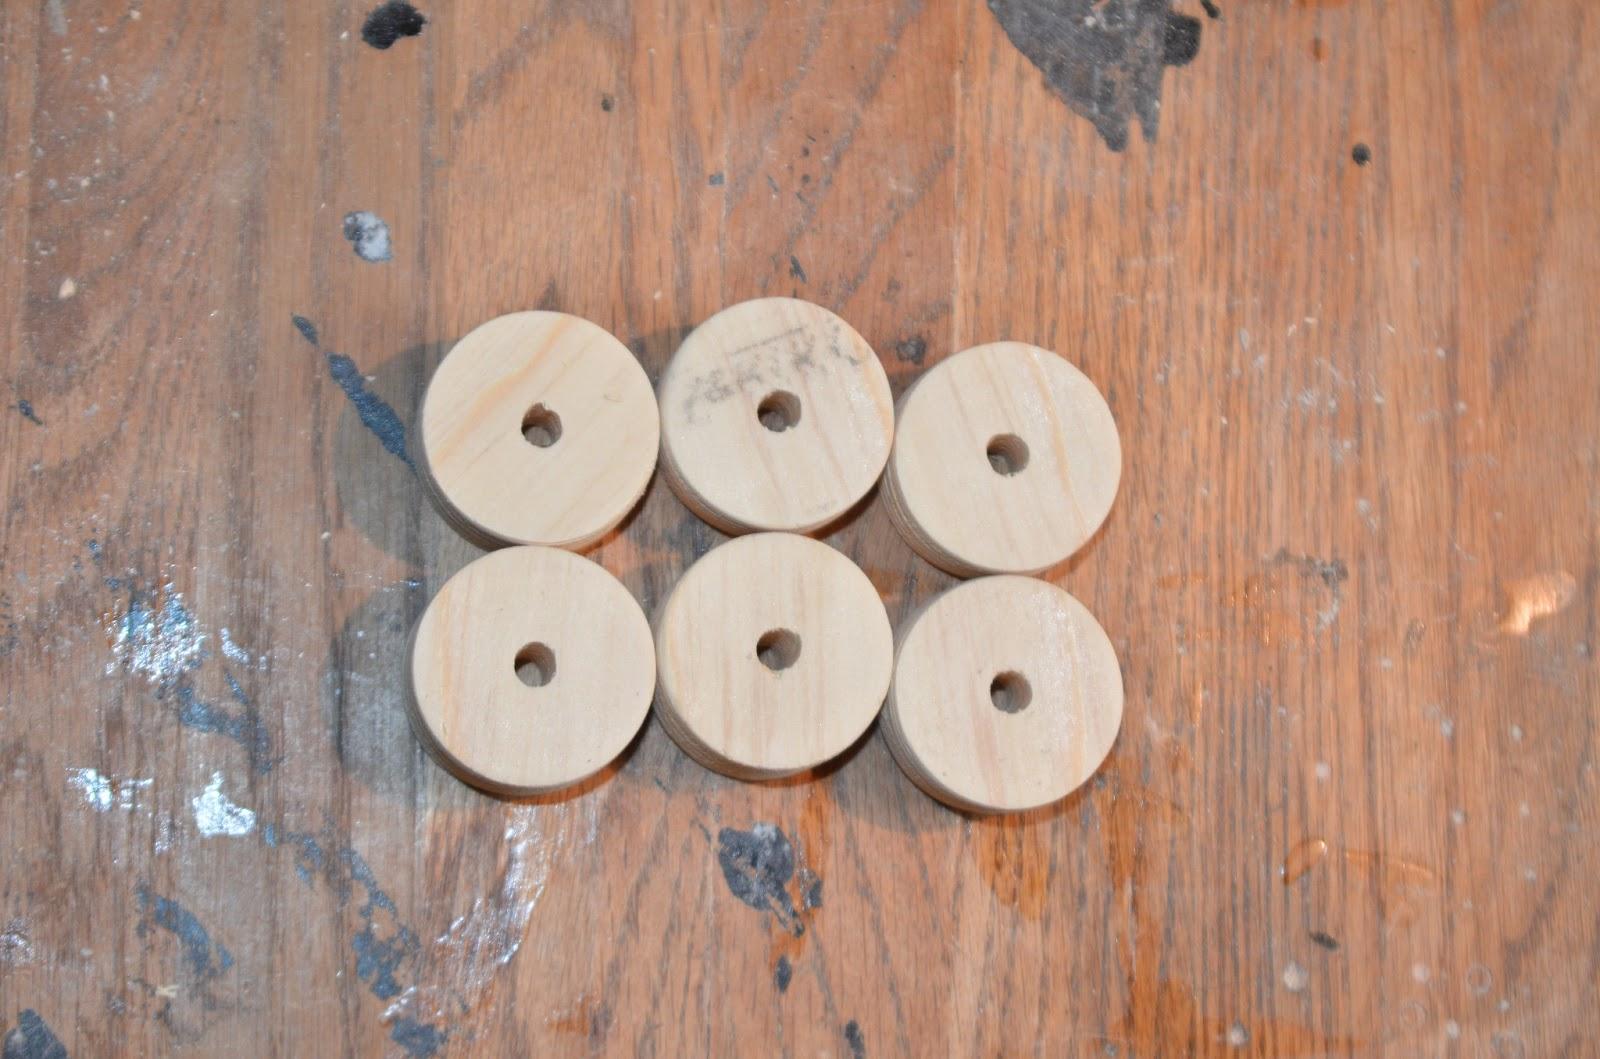 Ukeonomics Ukulele Repair Tools Diy Spool Clamps